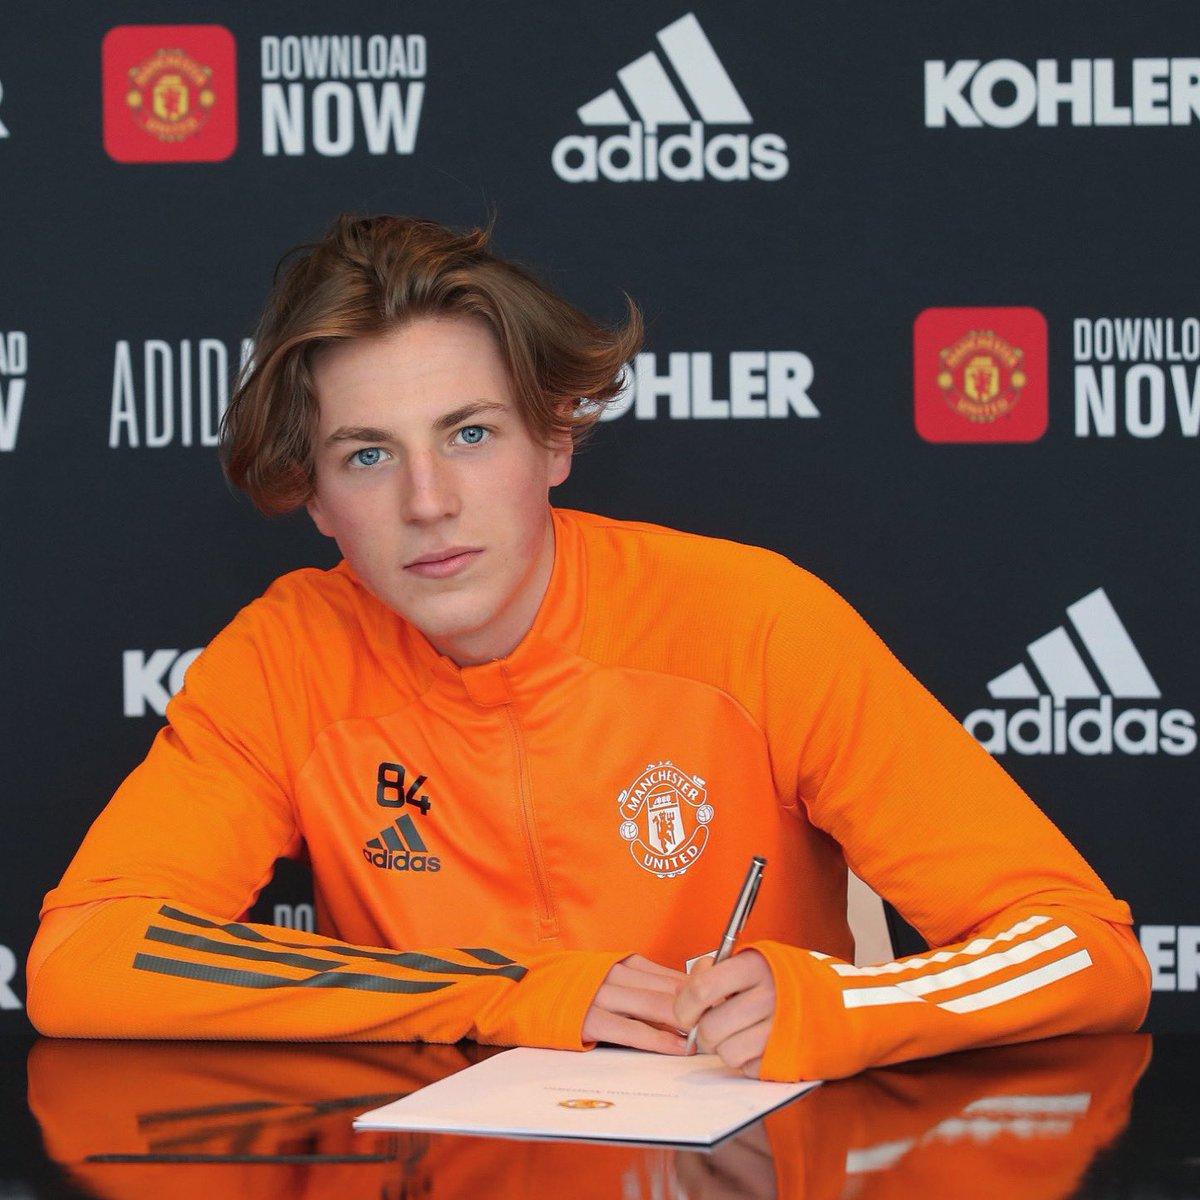 追寻父亲未完成的梦想,查理-萨维奇与曼联签订职业合同插图